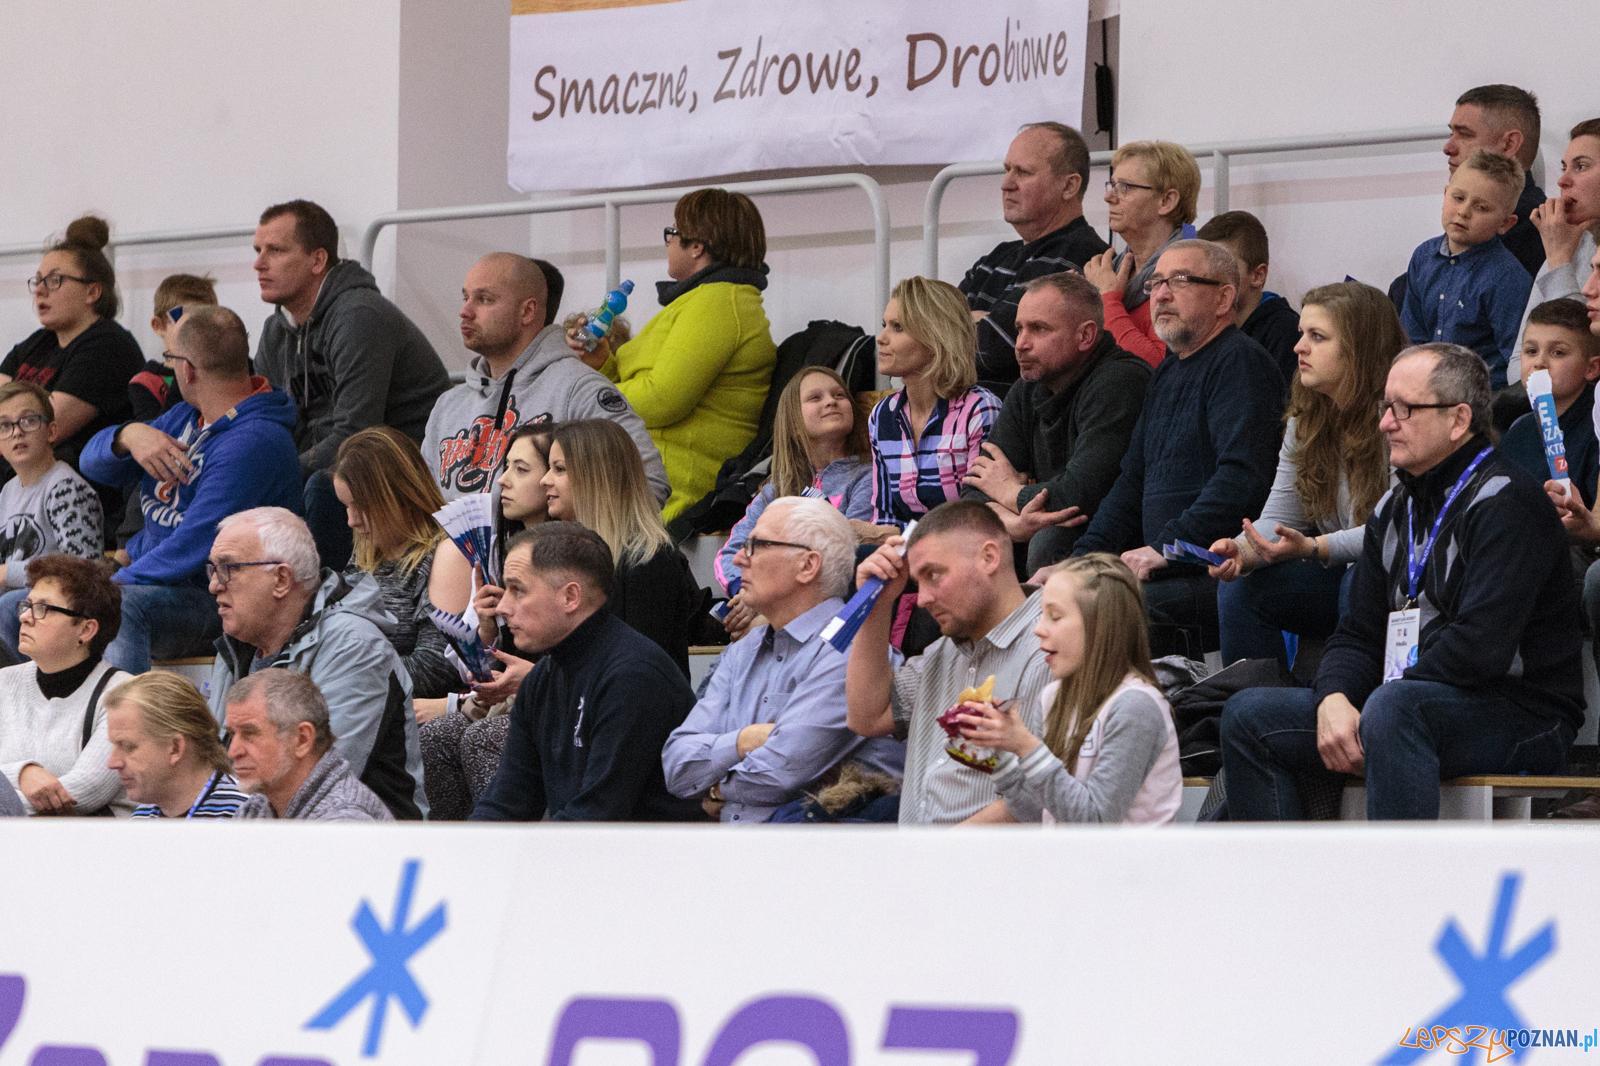 ENEA AZS Poznań - Widzew Łódź 80:71 - Poznań 17.03.2018 r.  Foto: LepszyPOZNAN.pl / Paweł Rychter